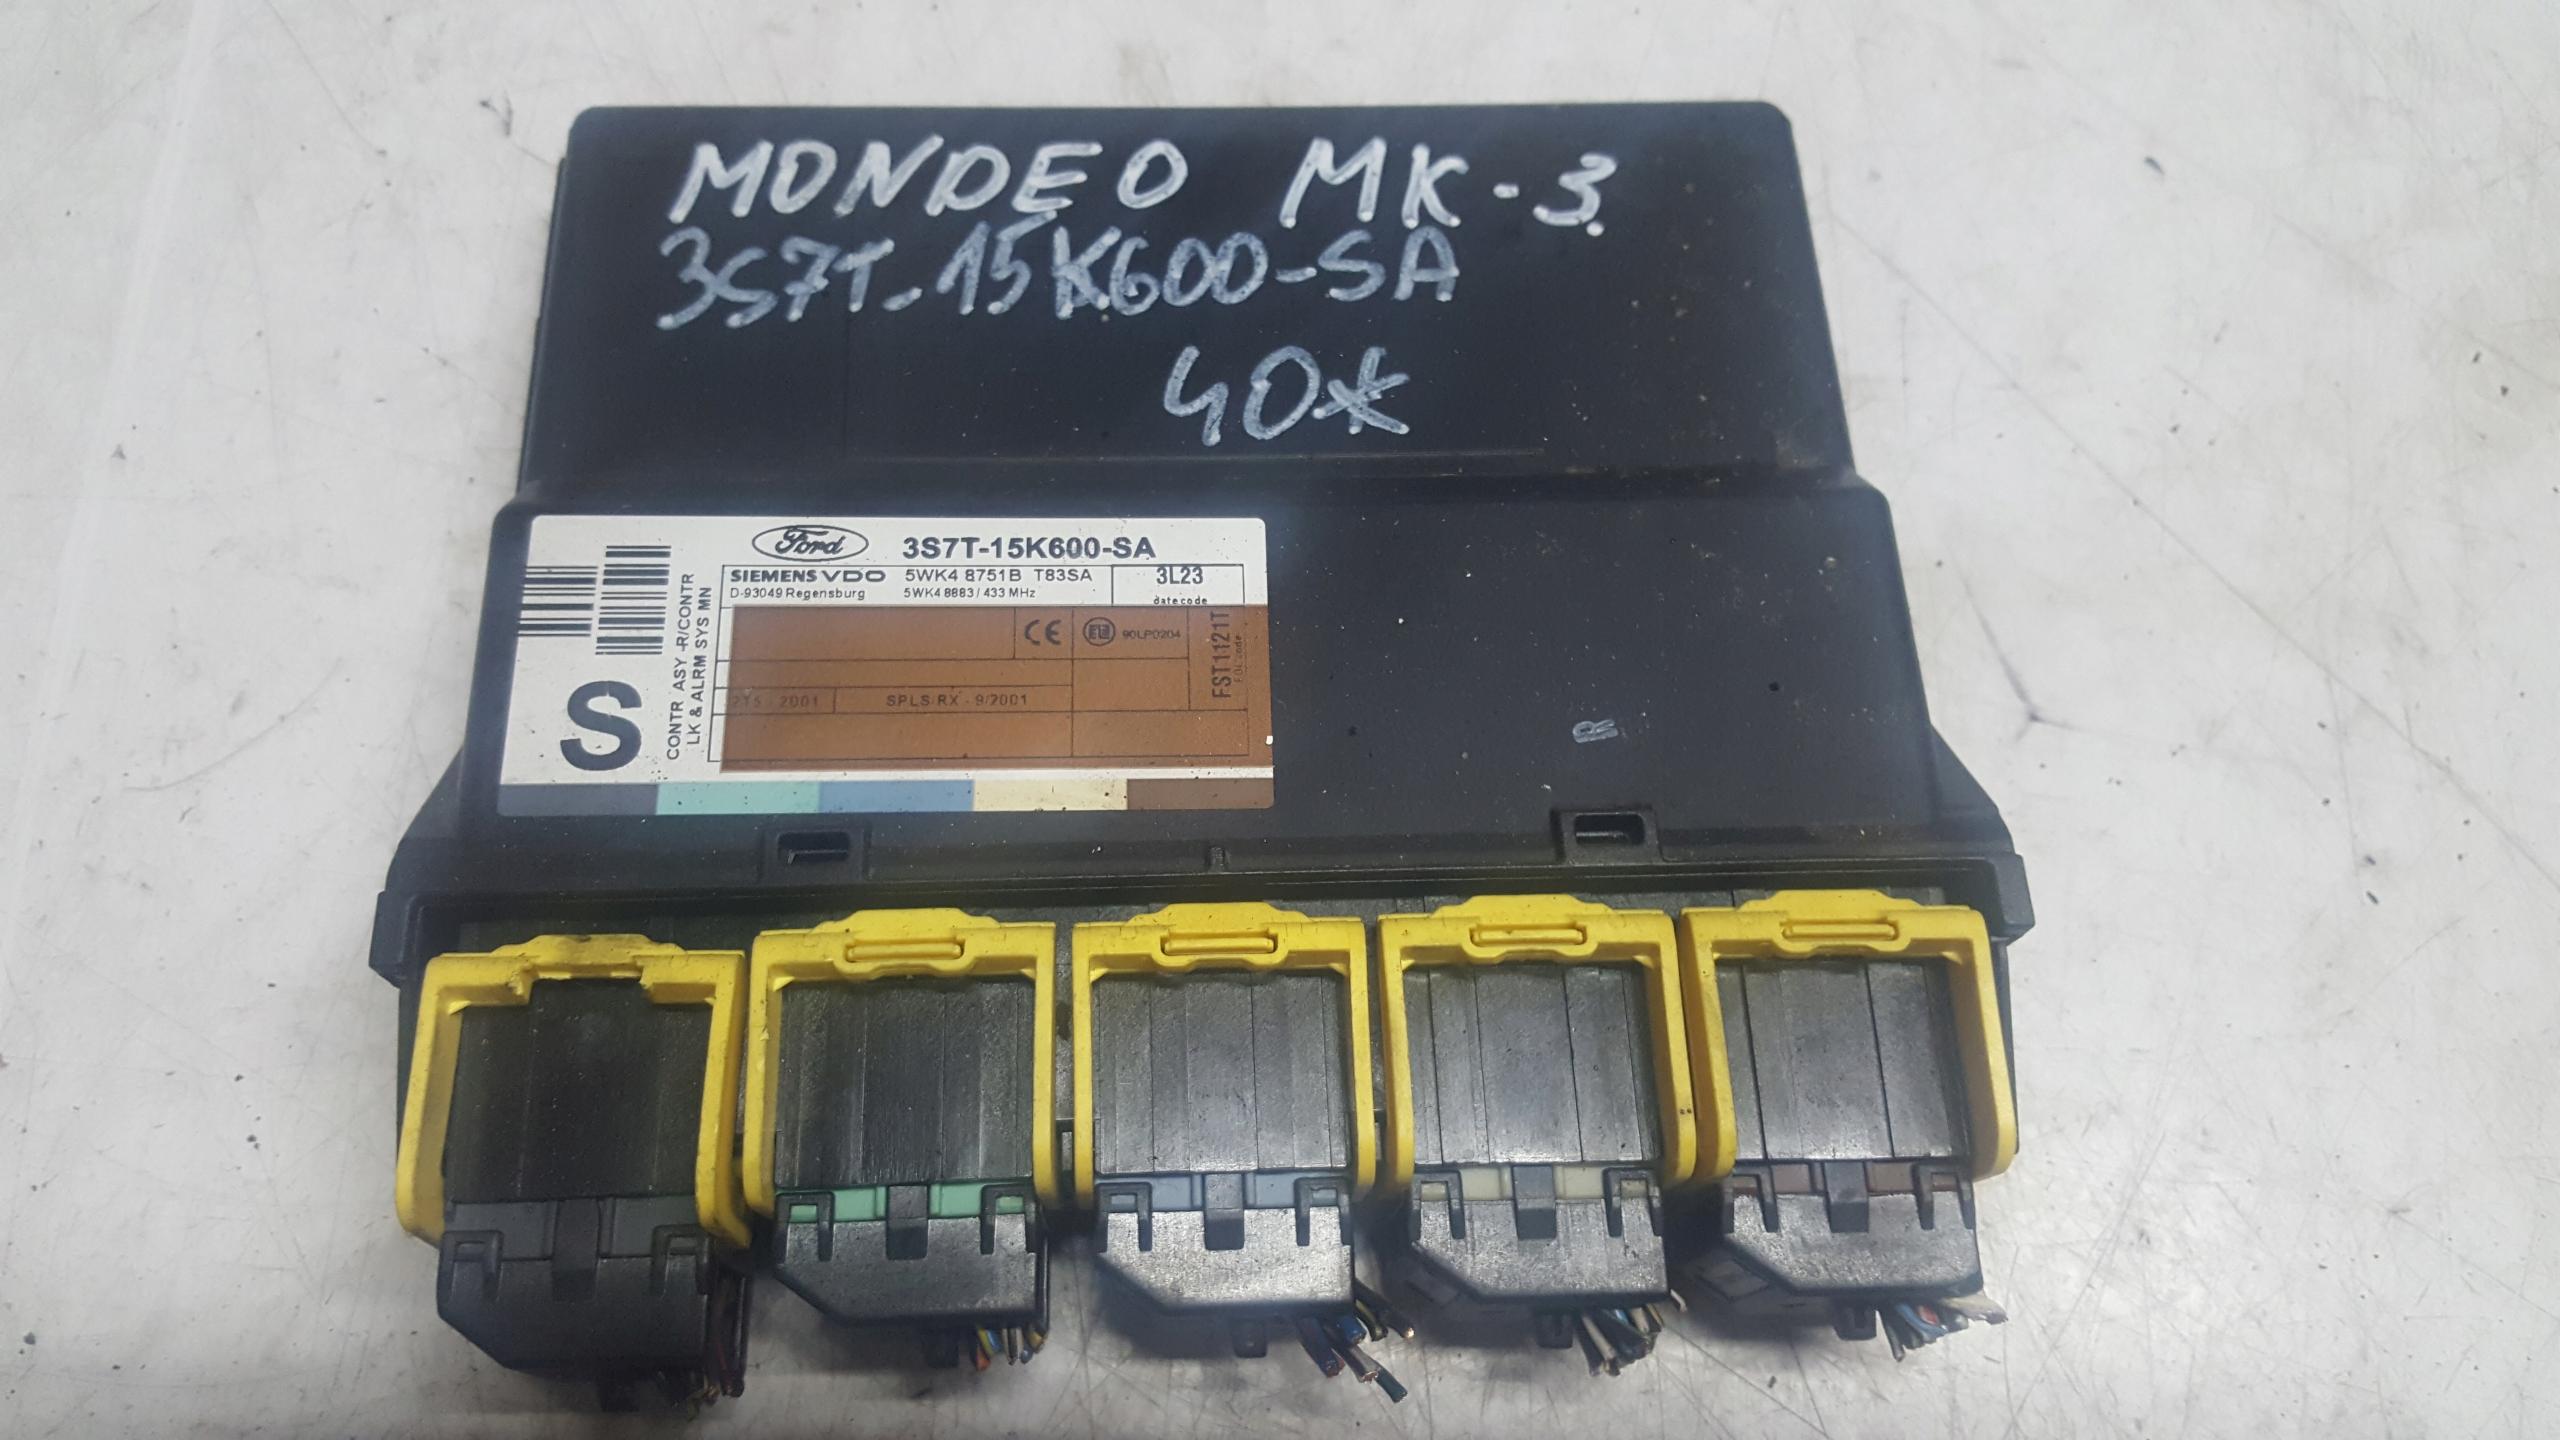 MODUŁ KOMFORTU FORD MONDEO MK-3 3S7T-15K600-SA